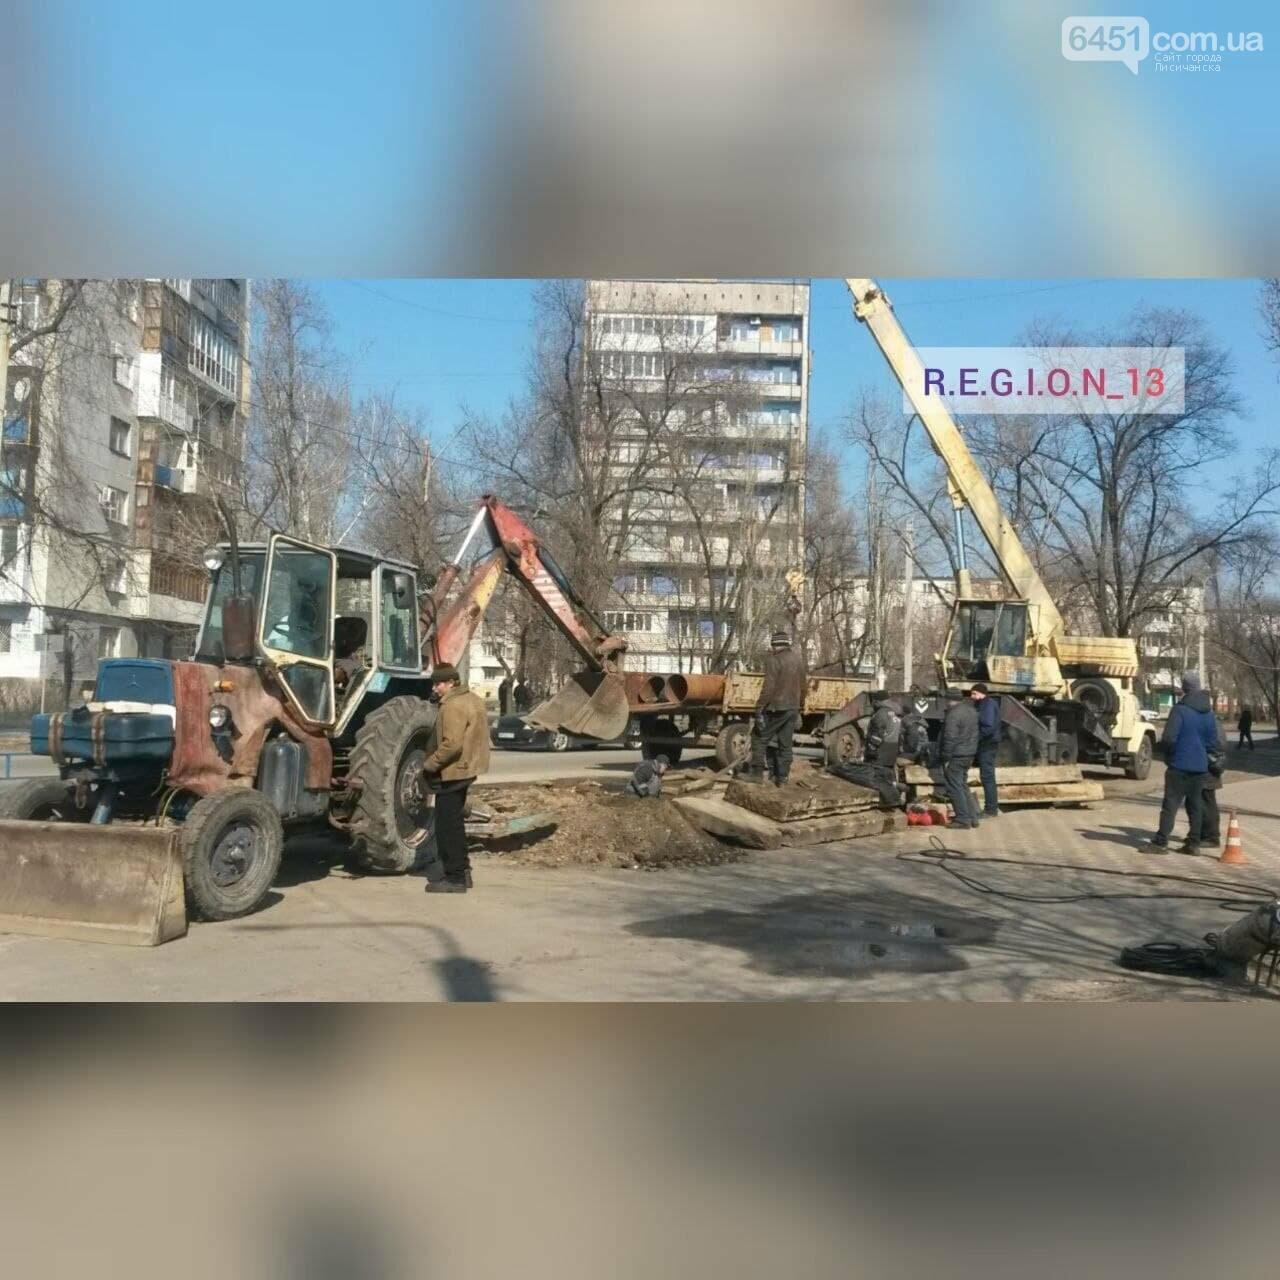 В Северодонецке произошёл прорыв коллектора, фото-2